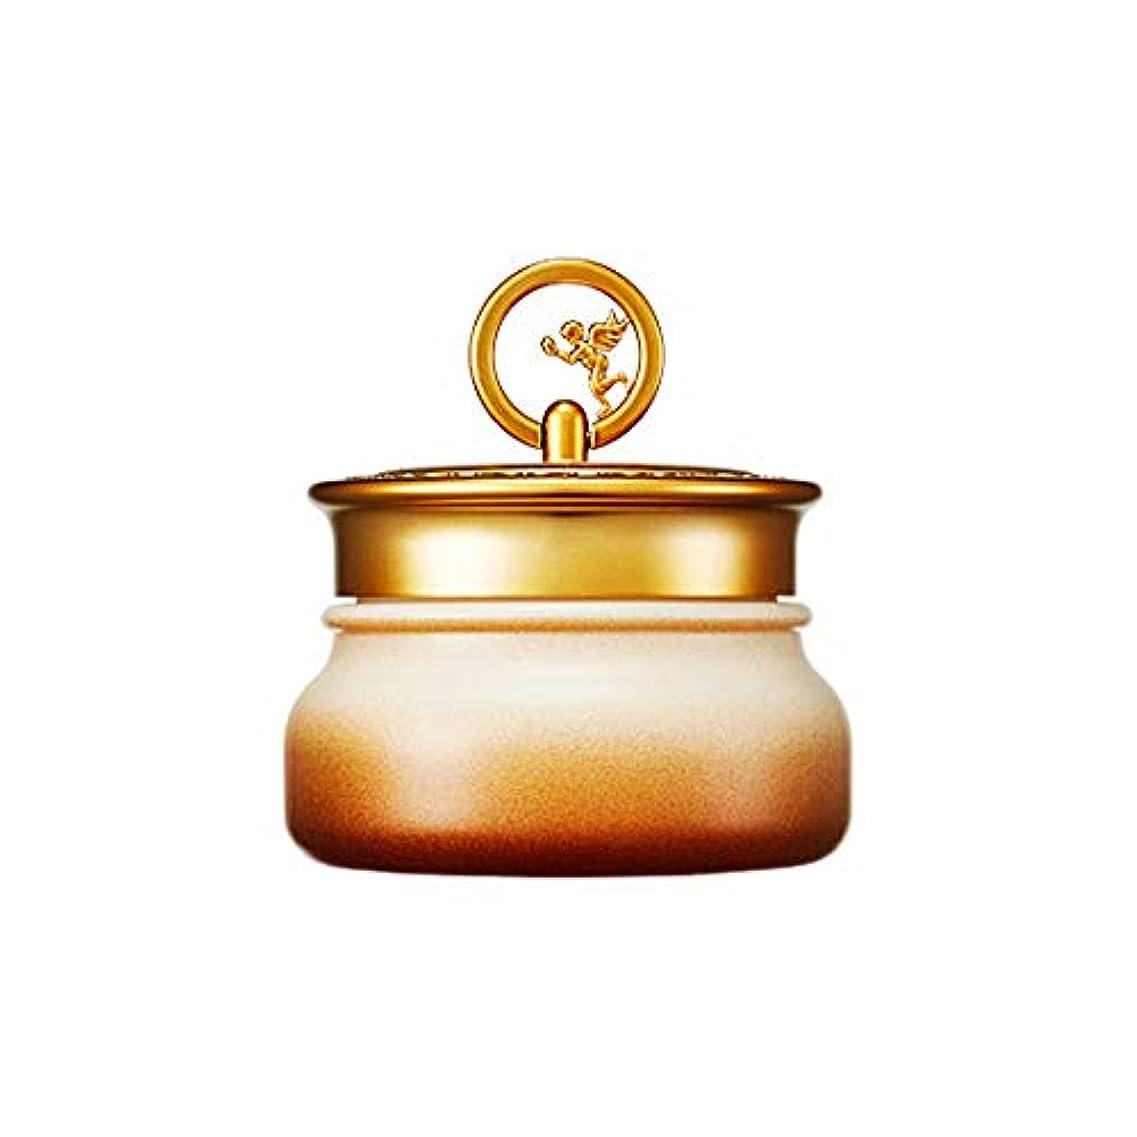 安全学校の先生クラブSkinfood ゴールドキャビアクリーム(しわケア) / Gold Caviar Cream (wrinkle care) 45g [並行輸入品]